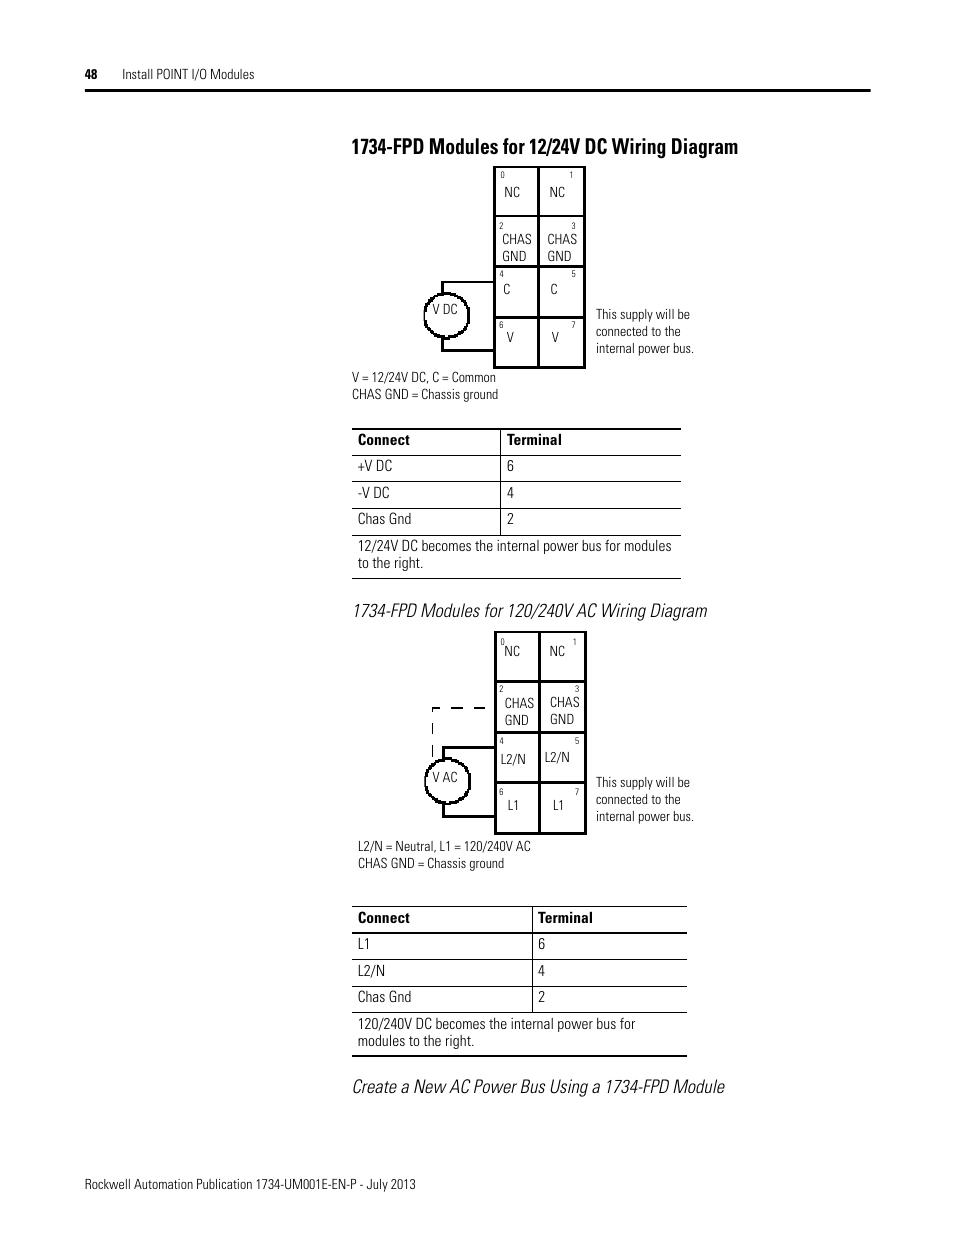 240v ac wiring